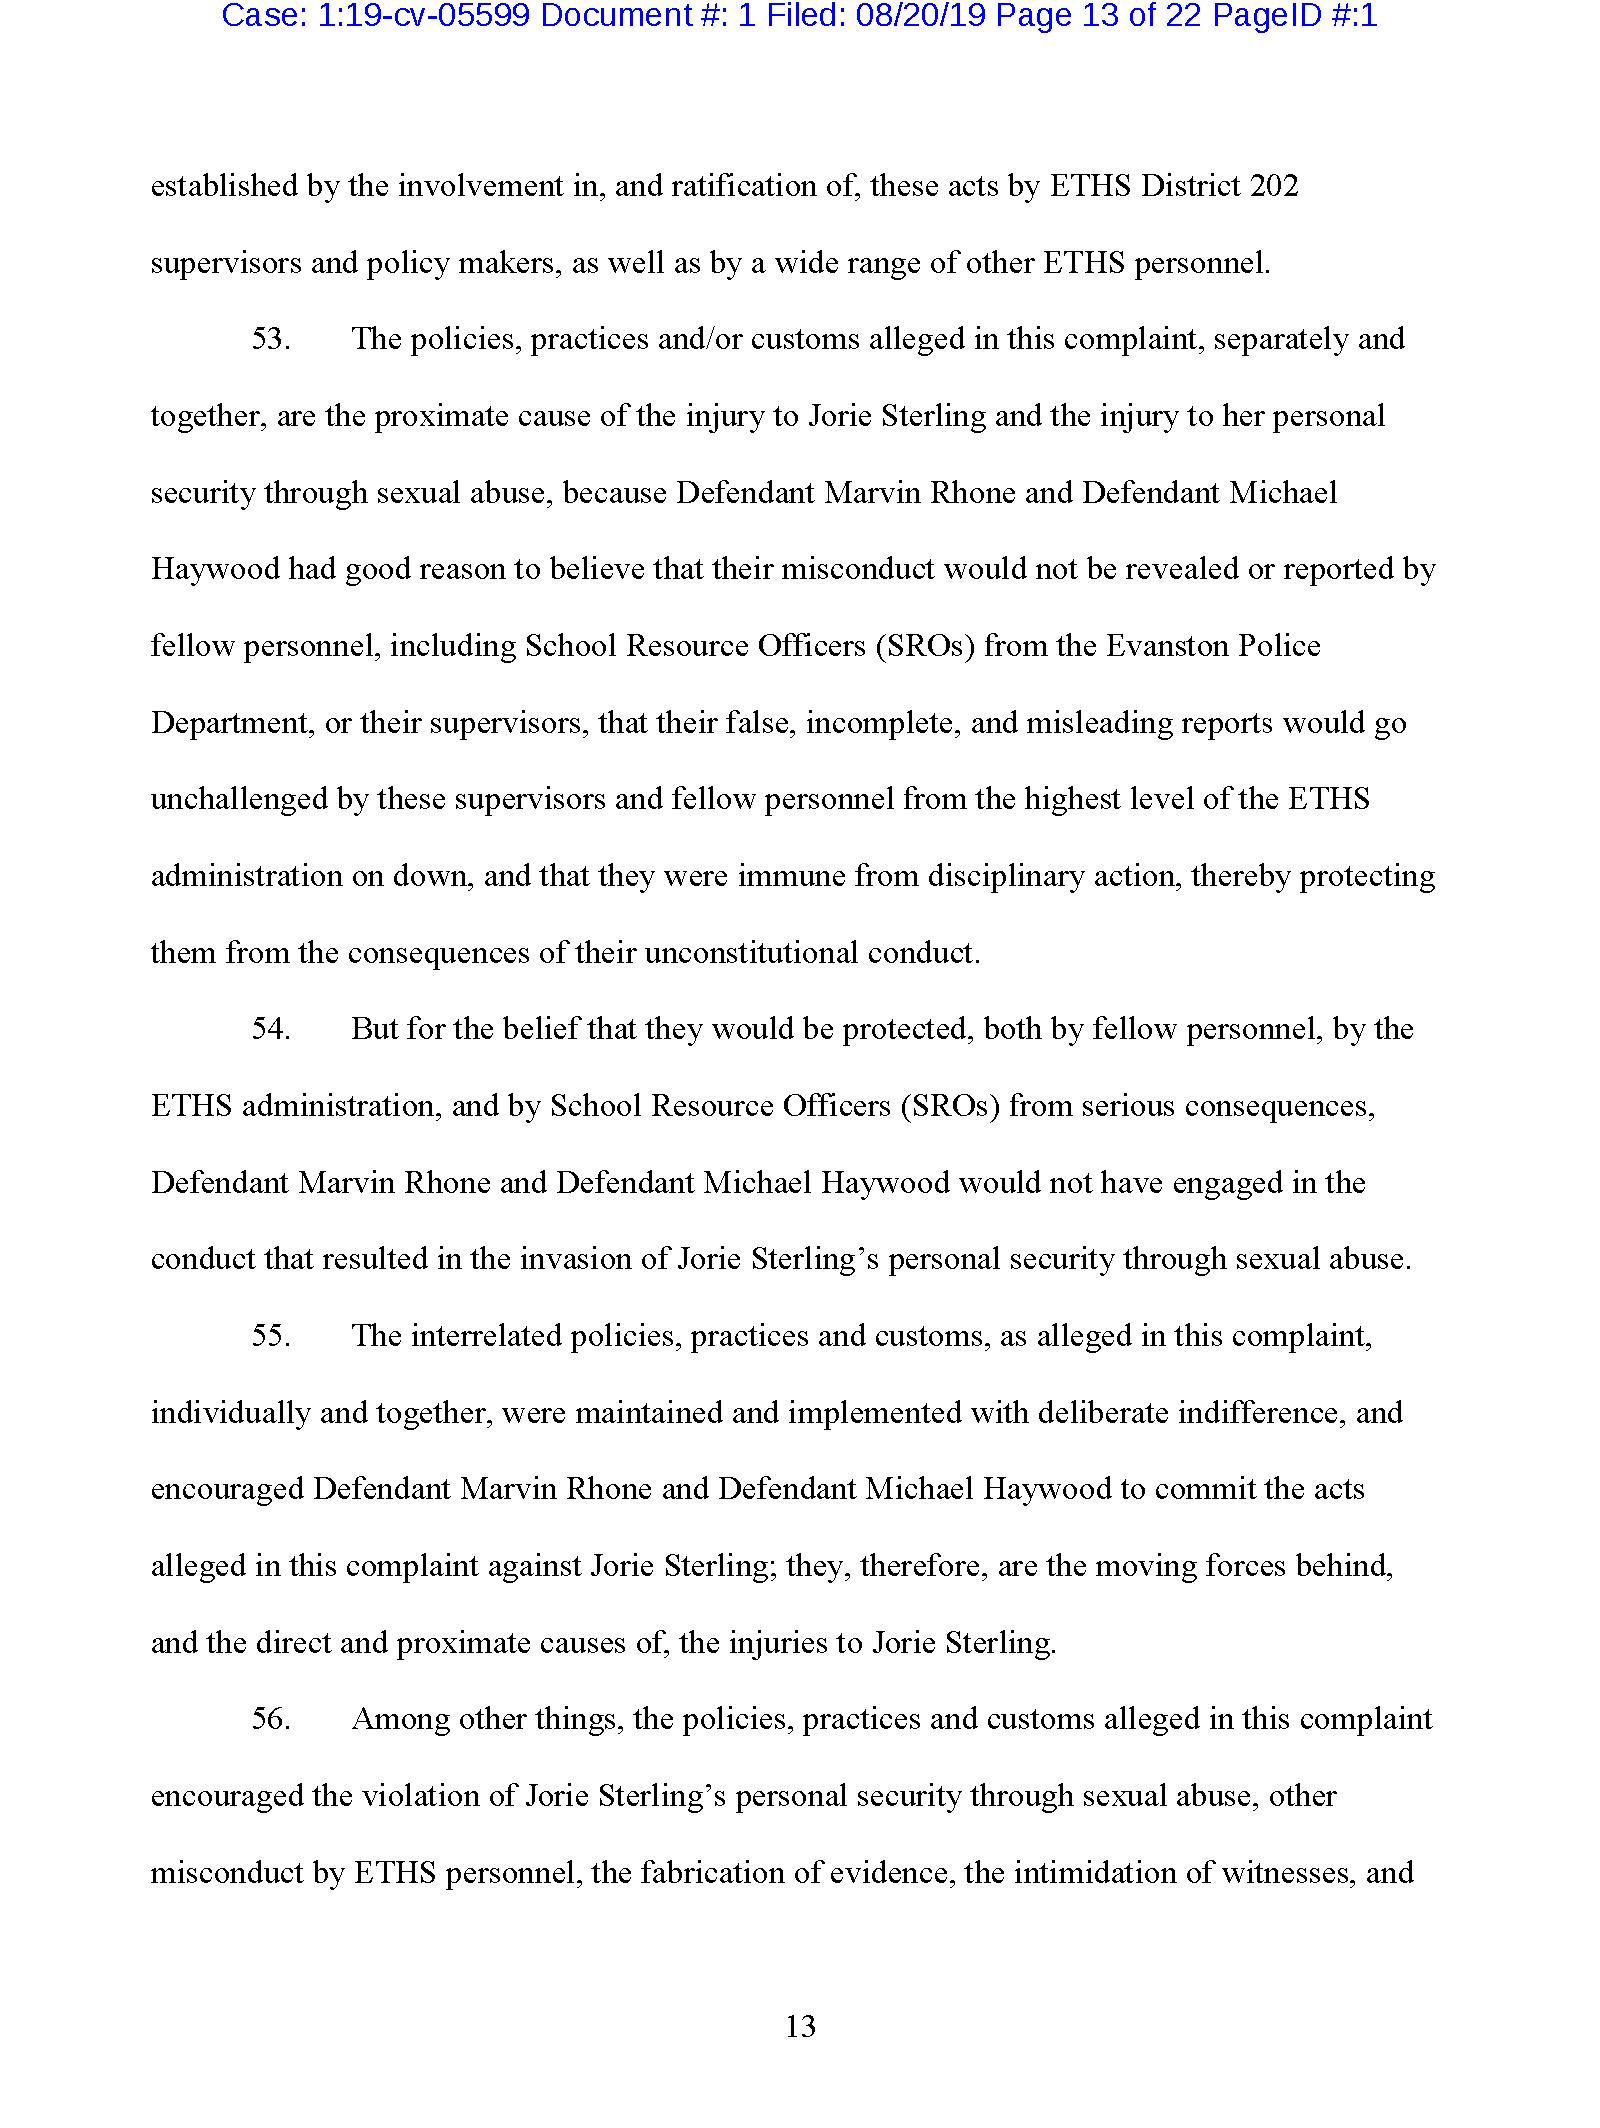 Copy of Complaint0113.png